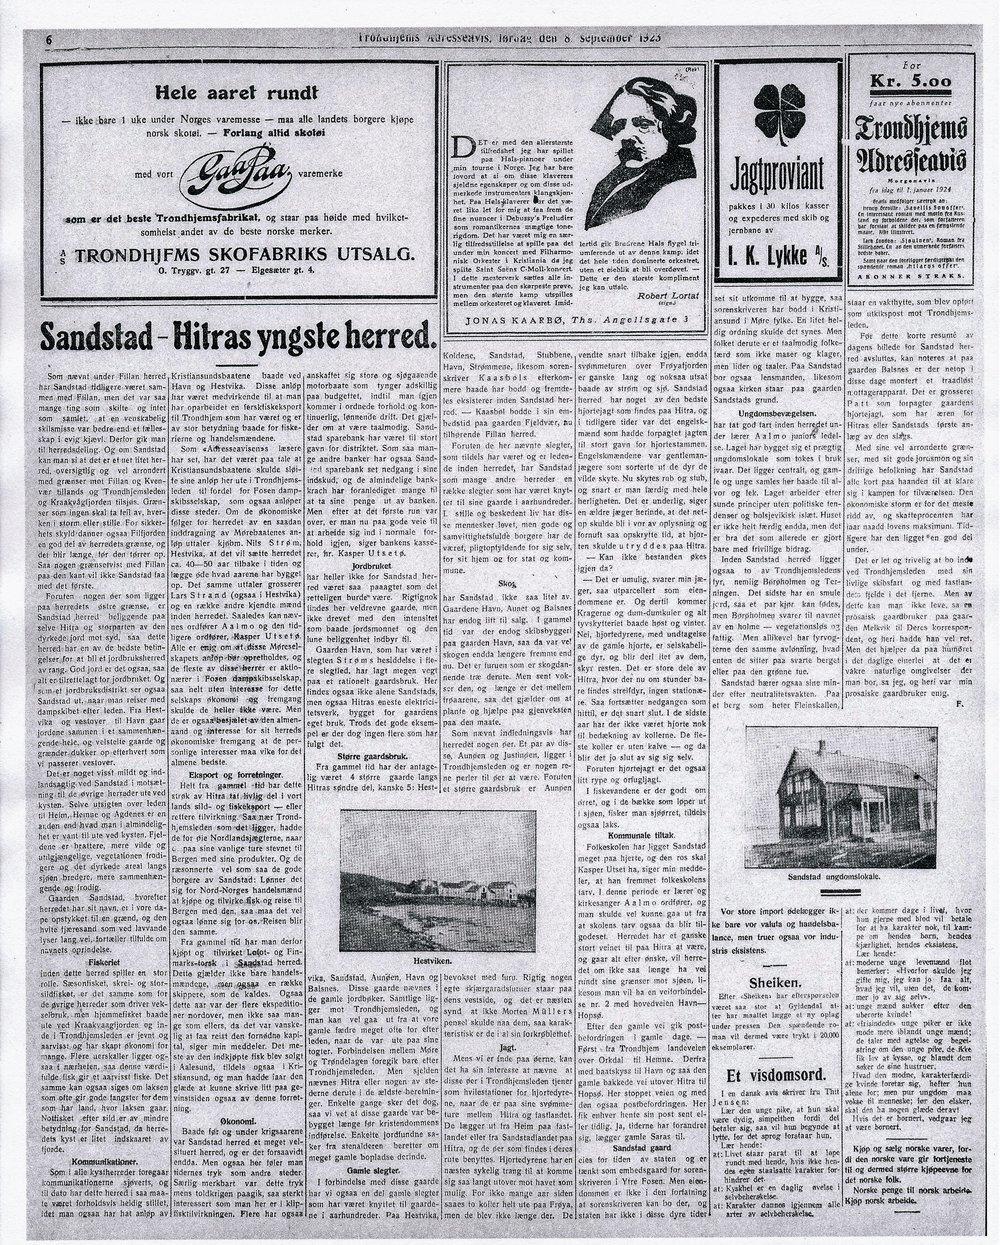 Dette er avissiden fra 8. september 1923 i Trondhjems Adresseavis. Artikkelen har foto fra Hestvika og et av ungdomshuset Solhaug slik det da så ut.